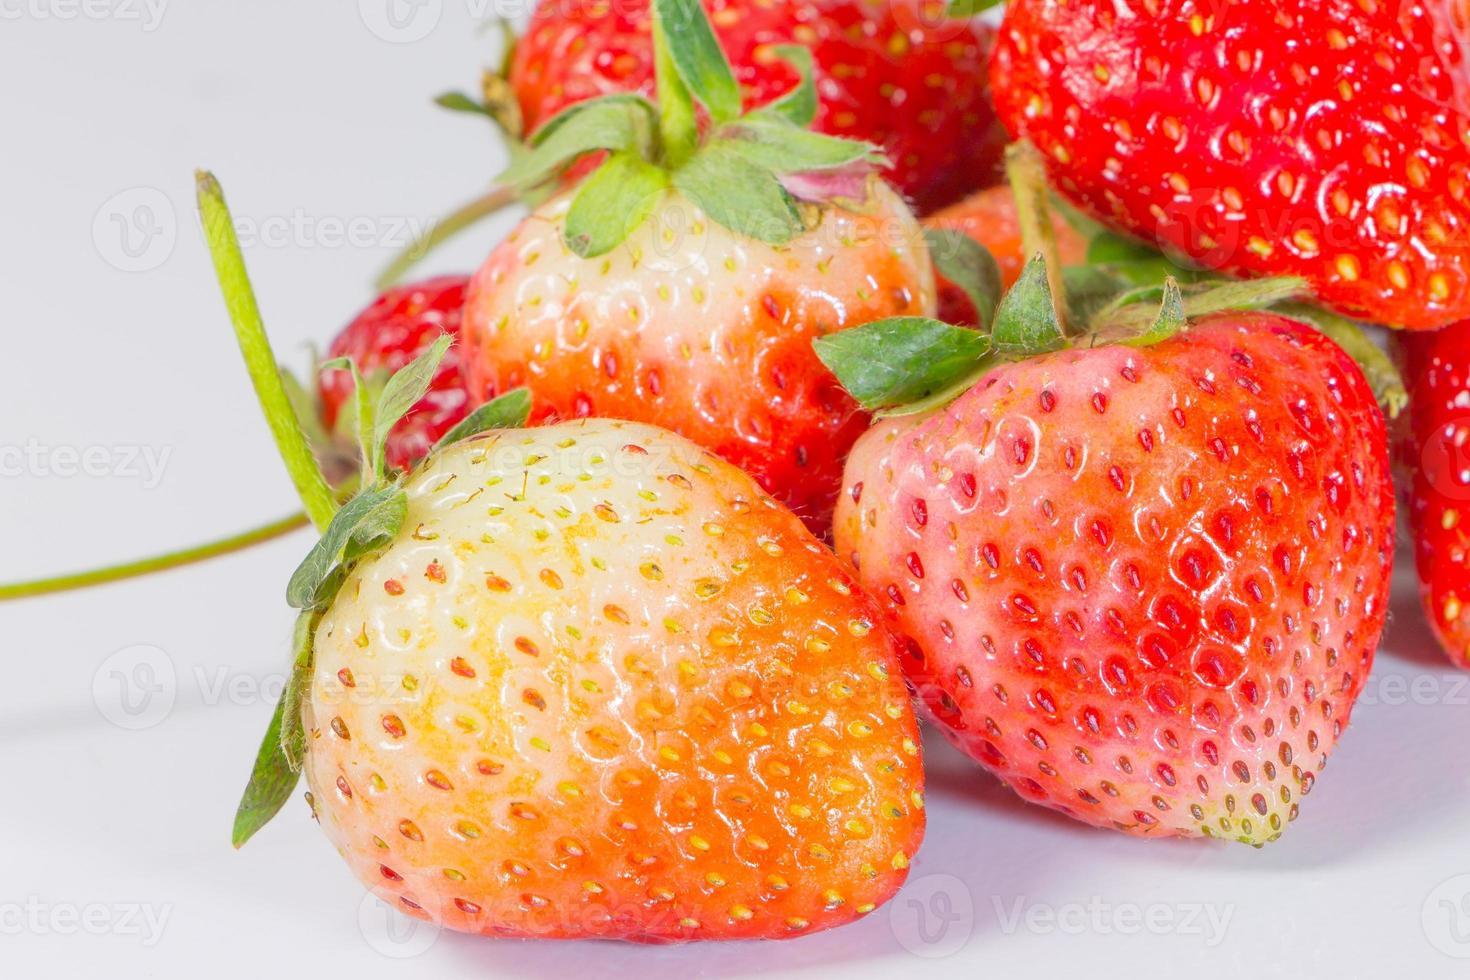 bouchent fraise fraîche photo